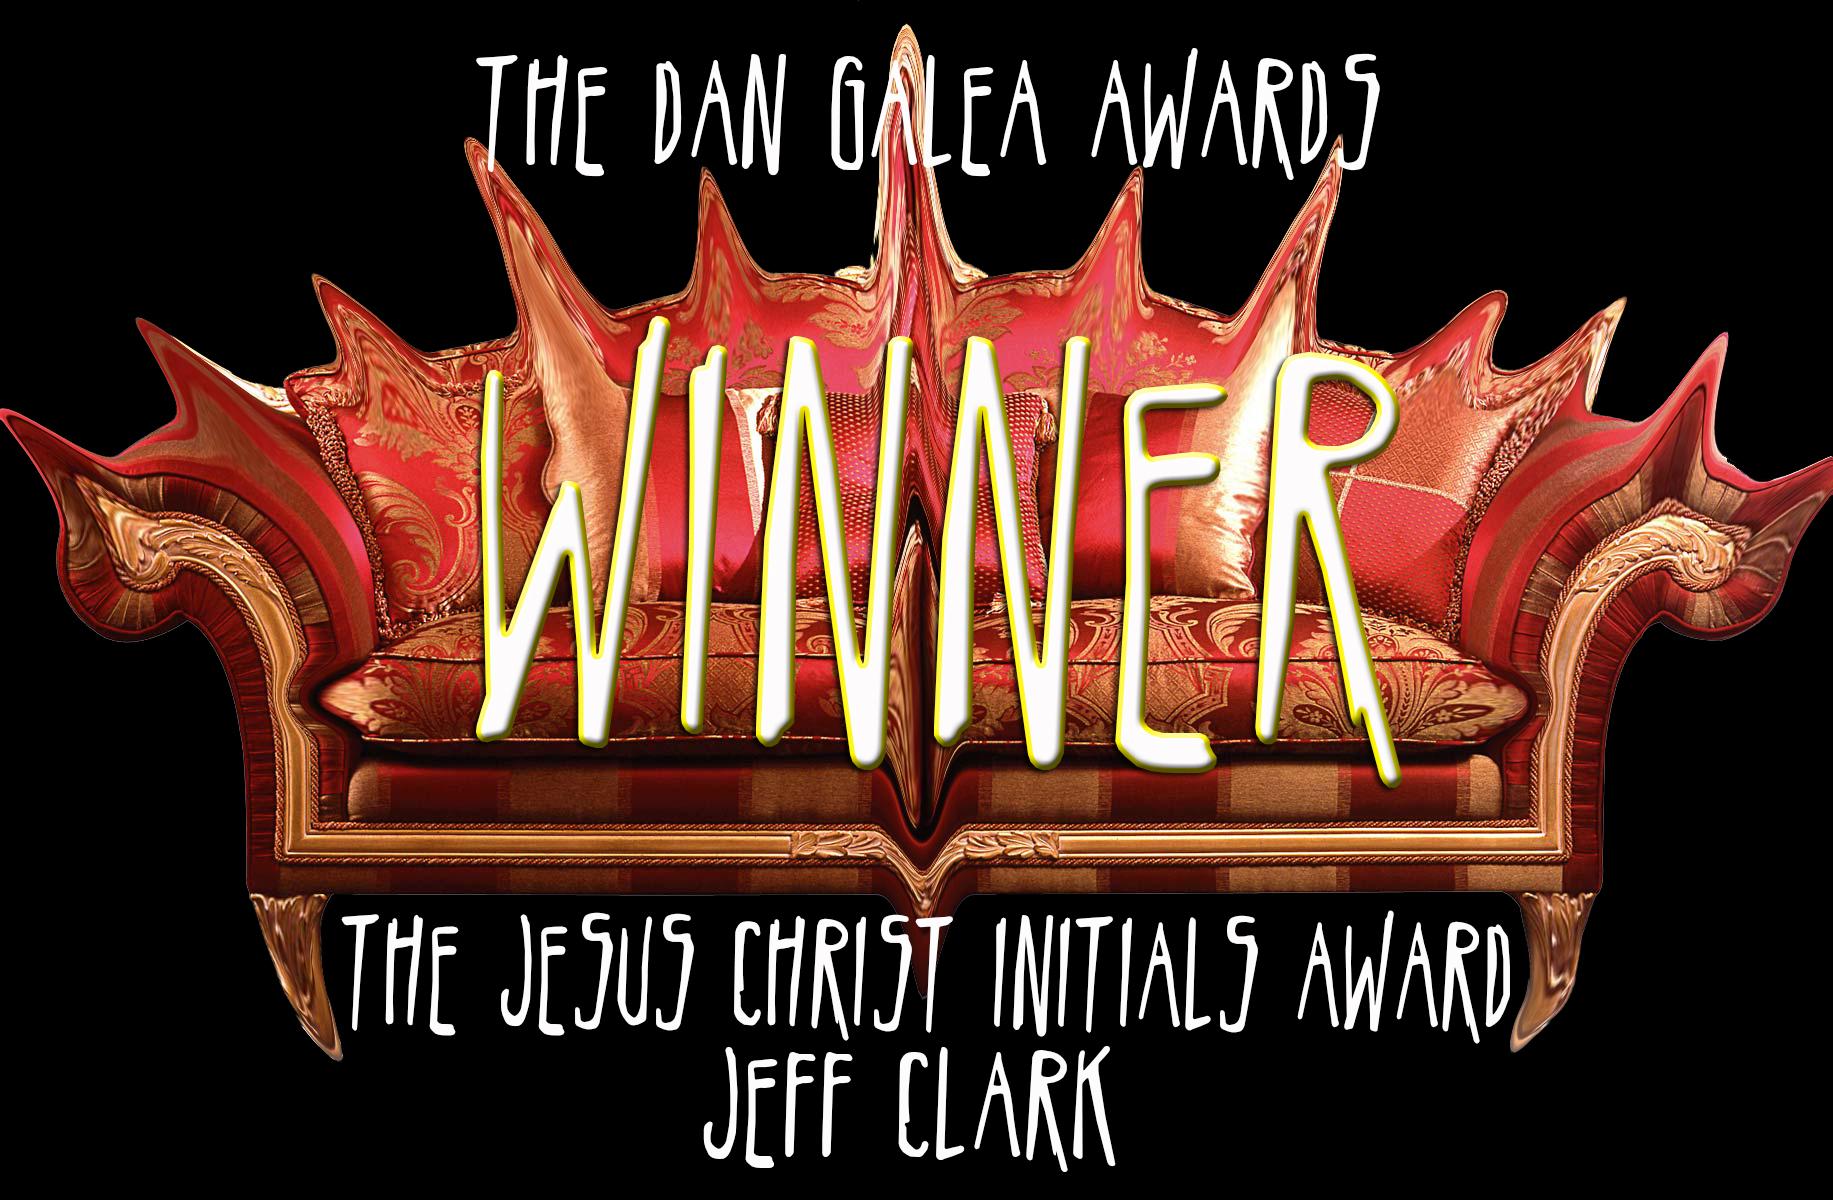 DGawards Jeff Clark.jpg